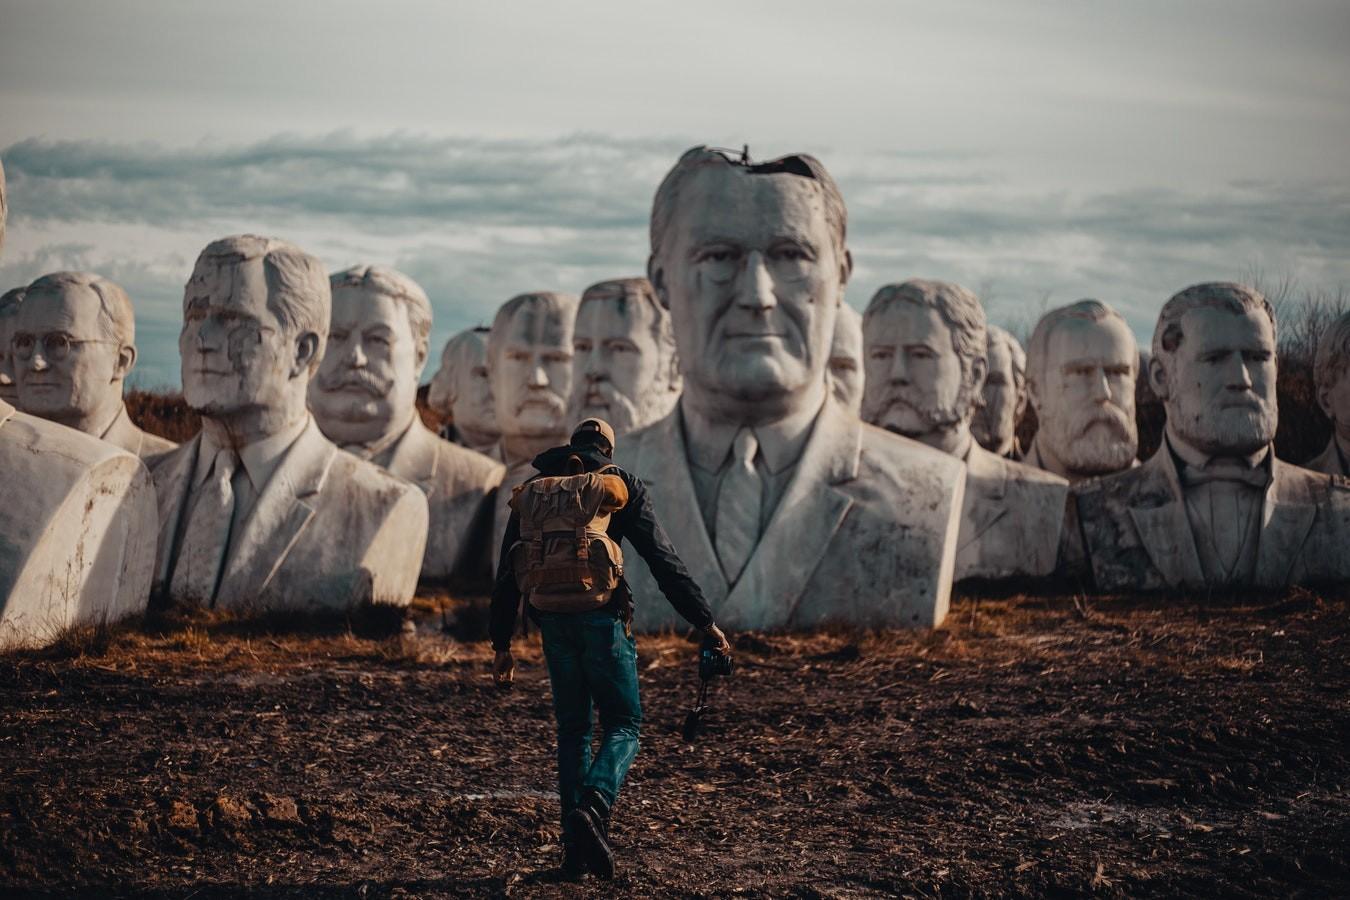 başka hayatlara figüran olmak - heykel - Başka Hayatlara Figüran Olmak